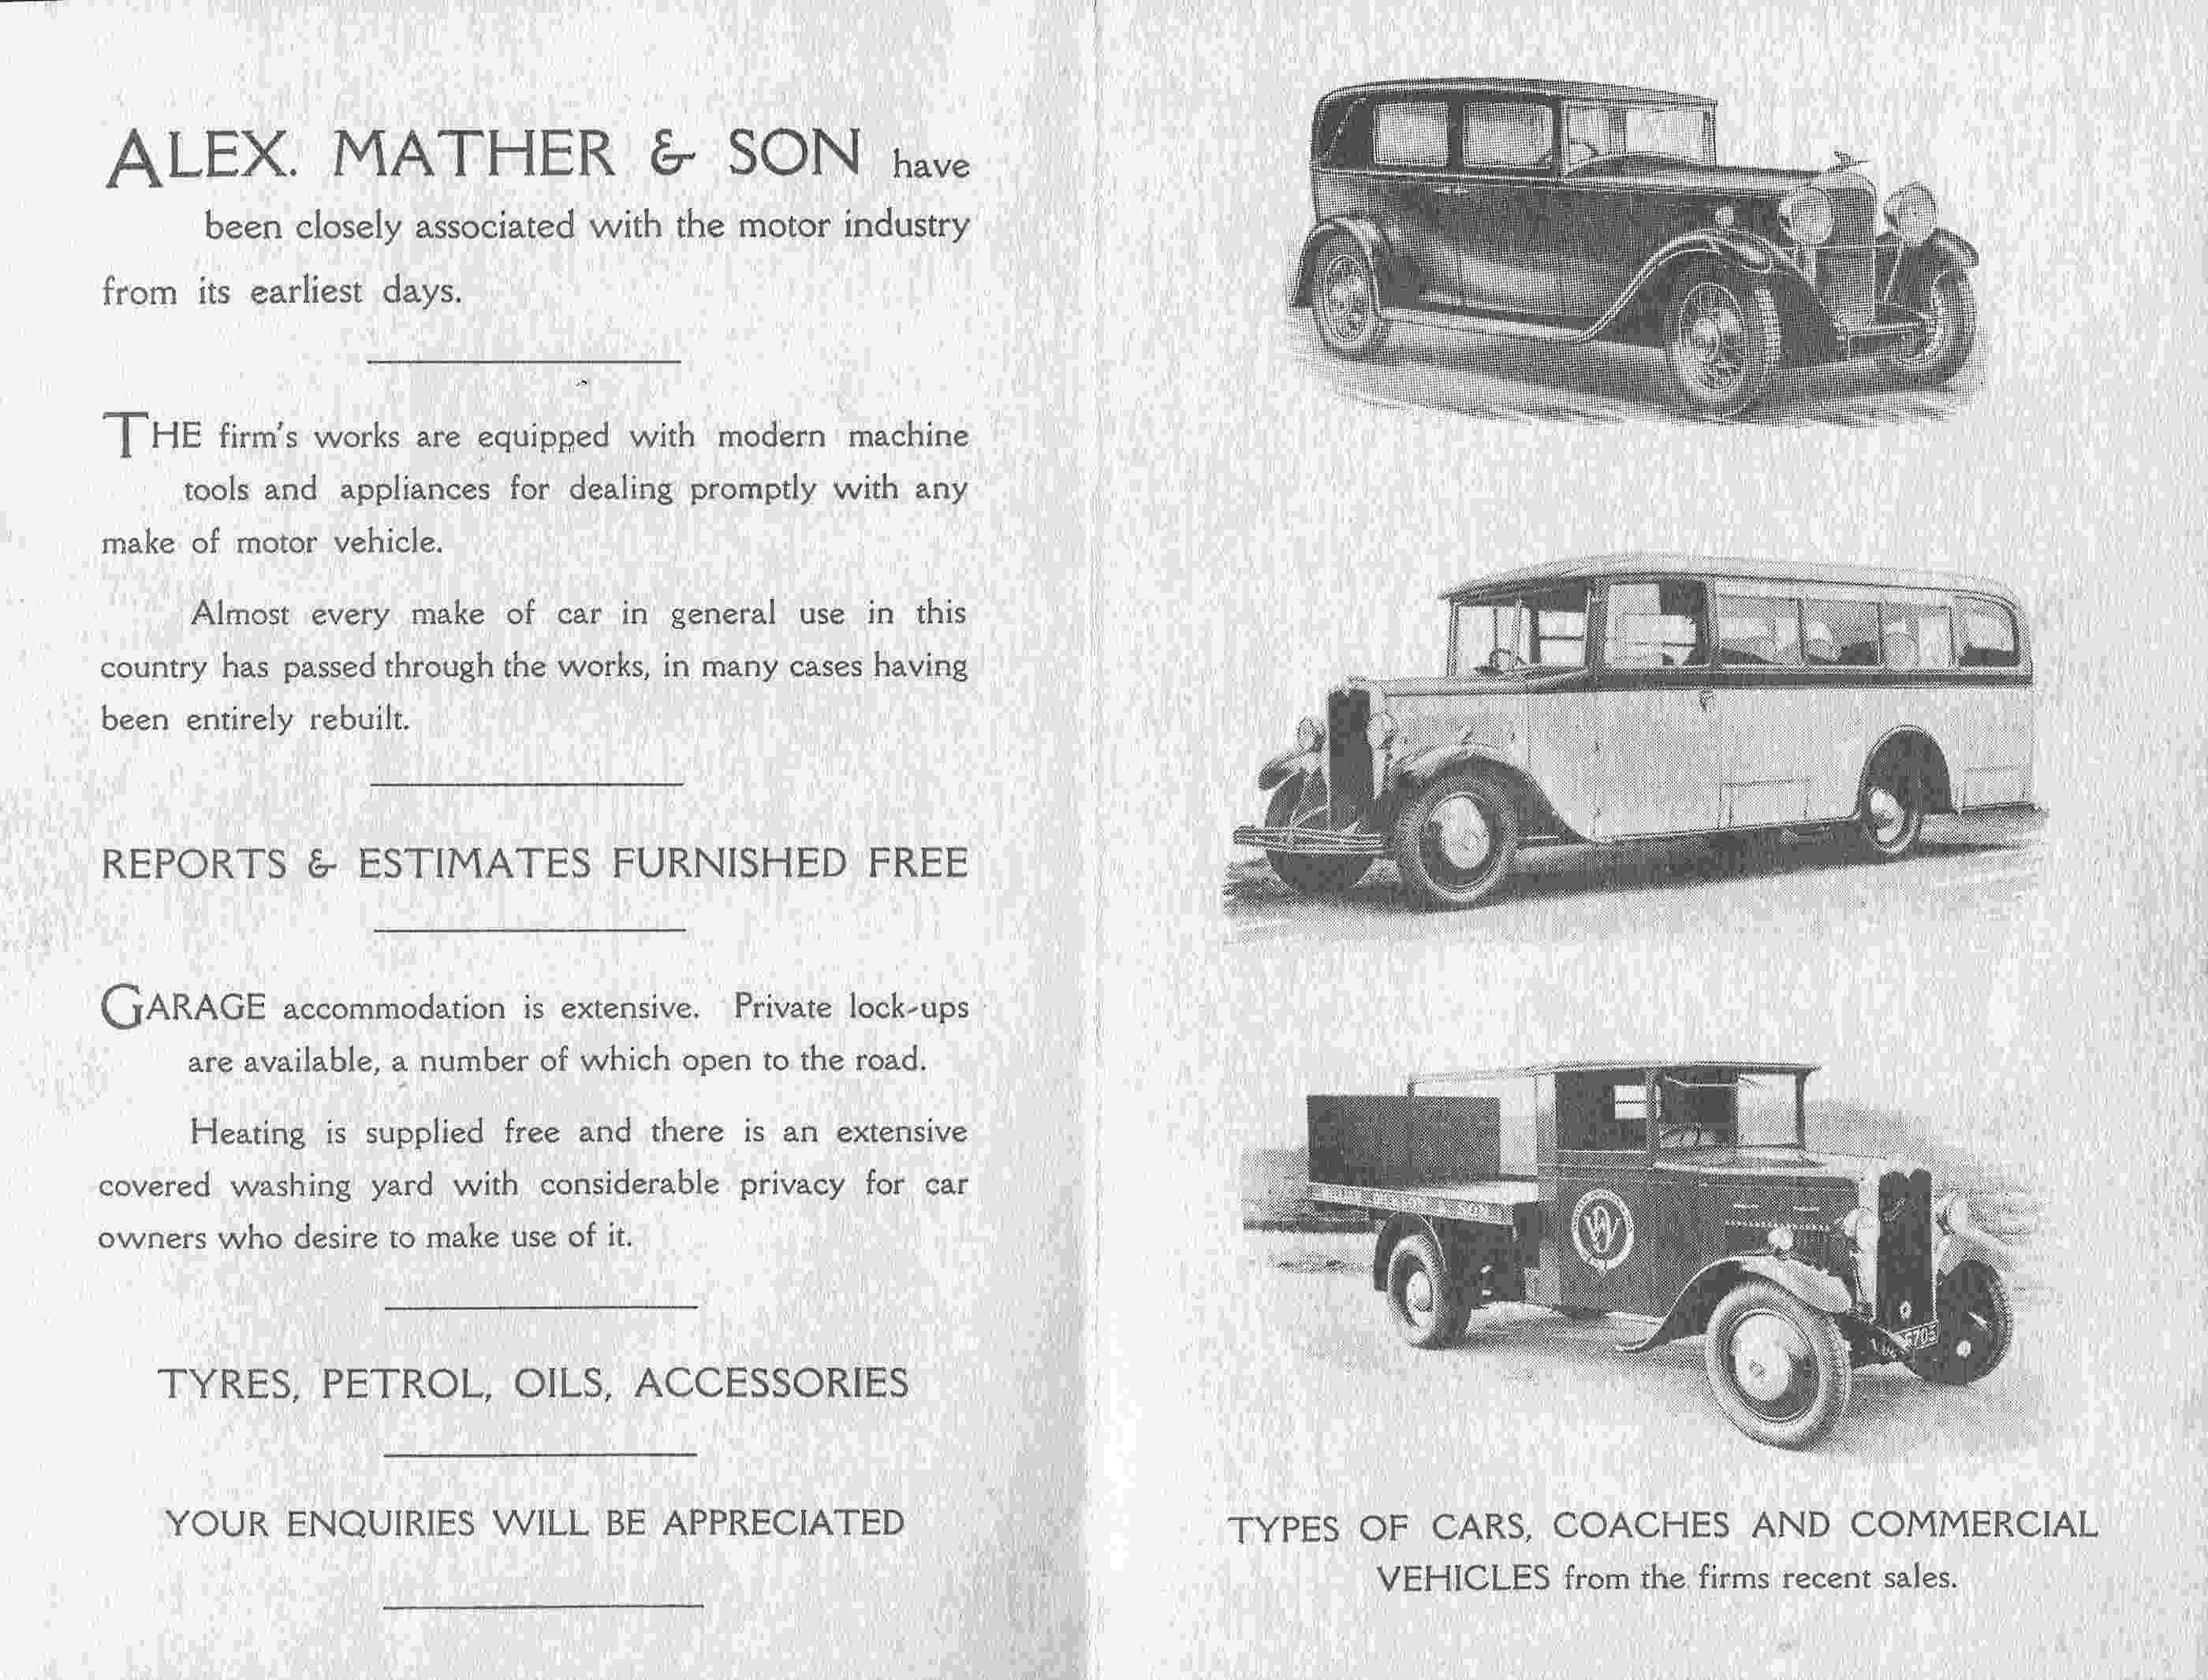 Alex Mather & Son Services Leaflet c.1930